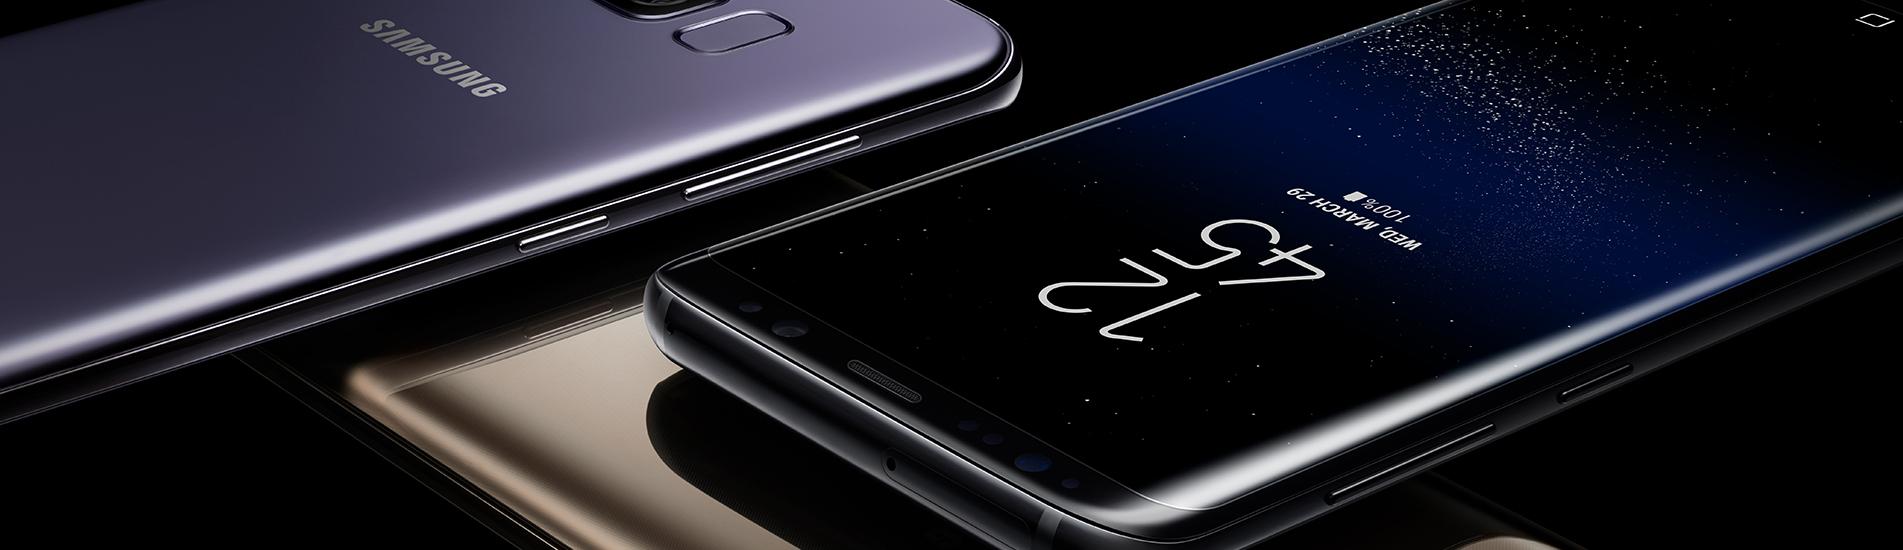 Από €495 για το Νέο Samsung Galaxy S8 & S8 Plus